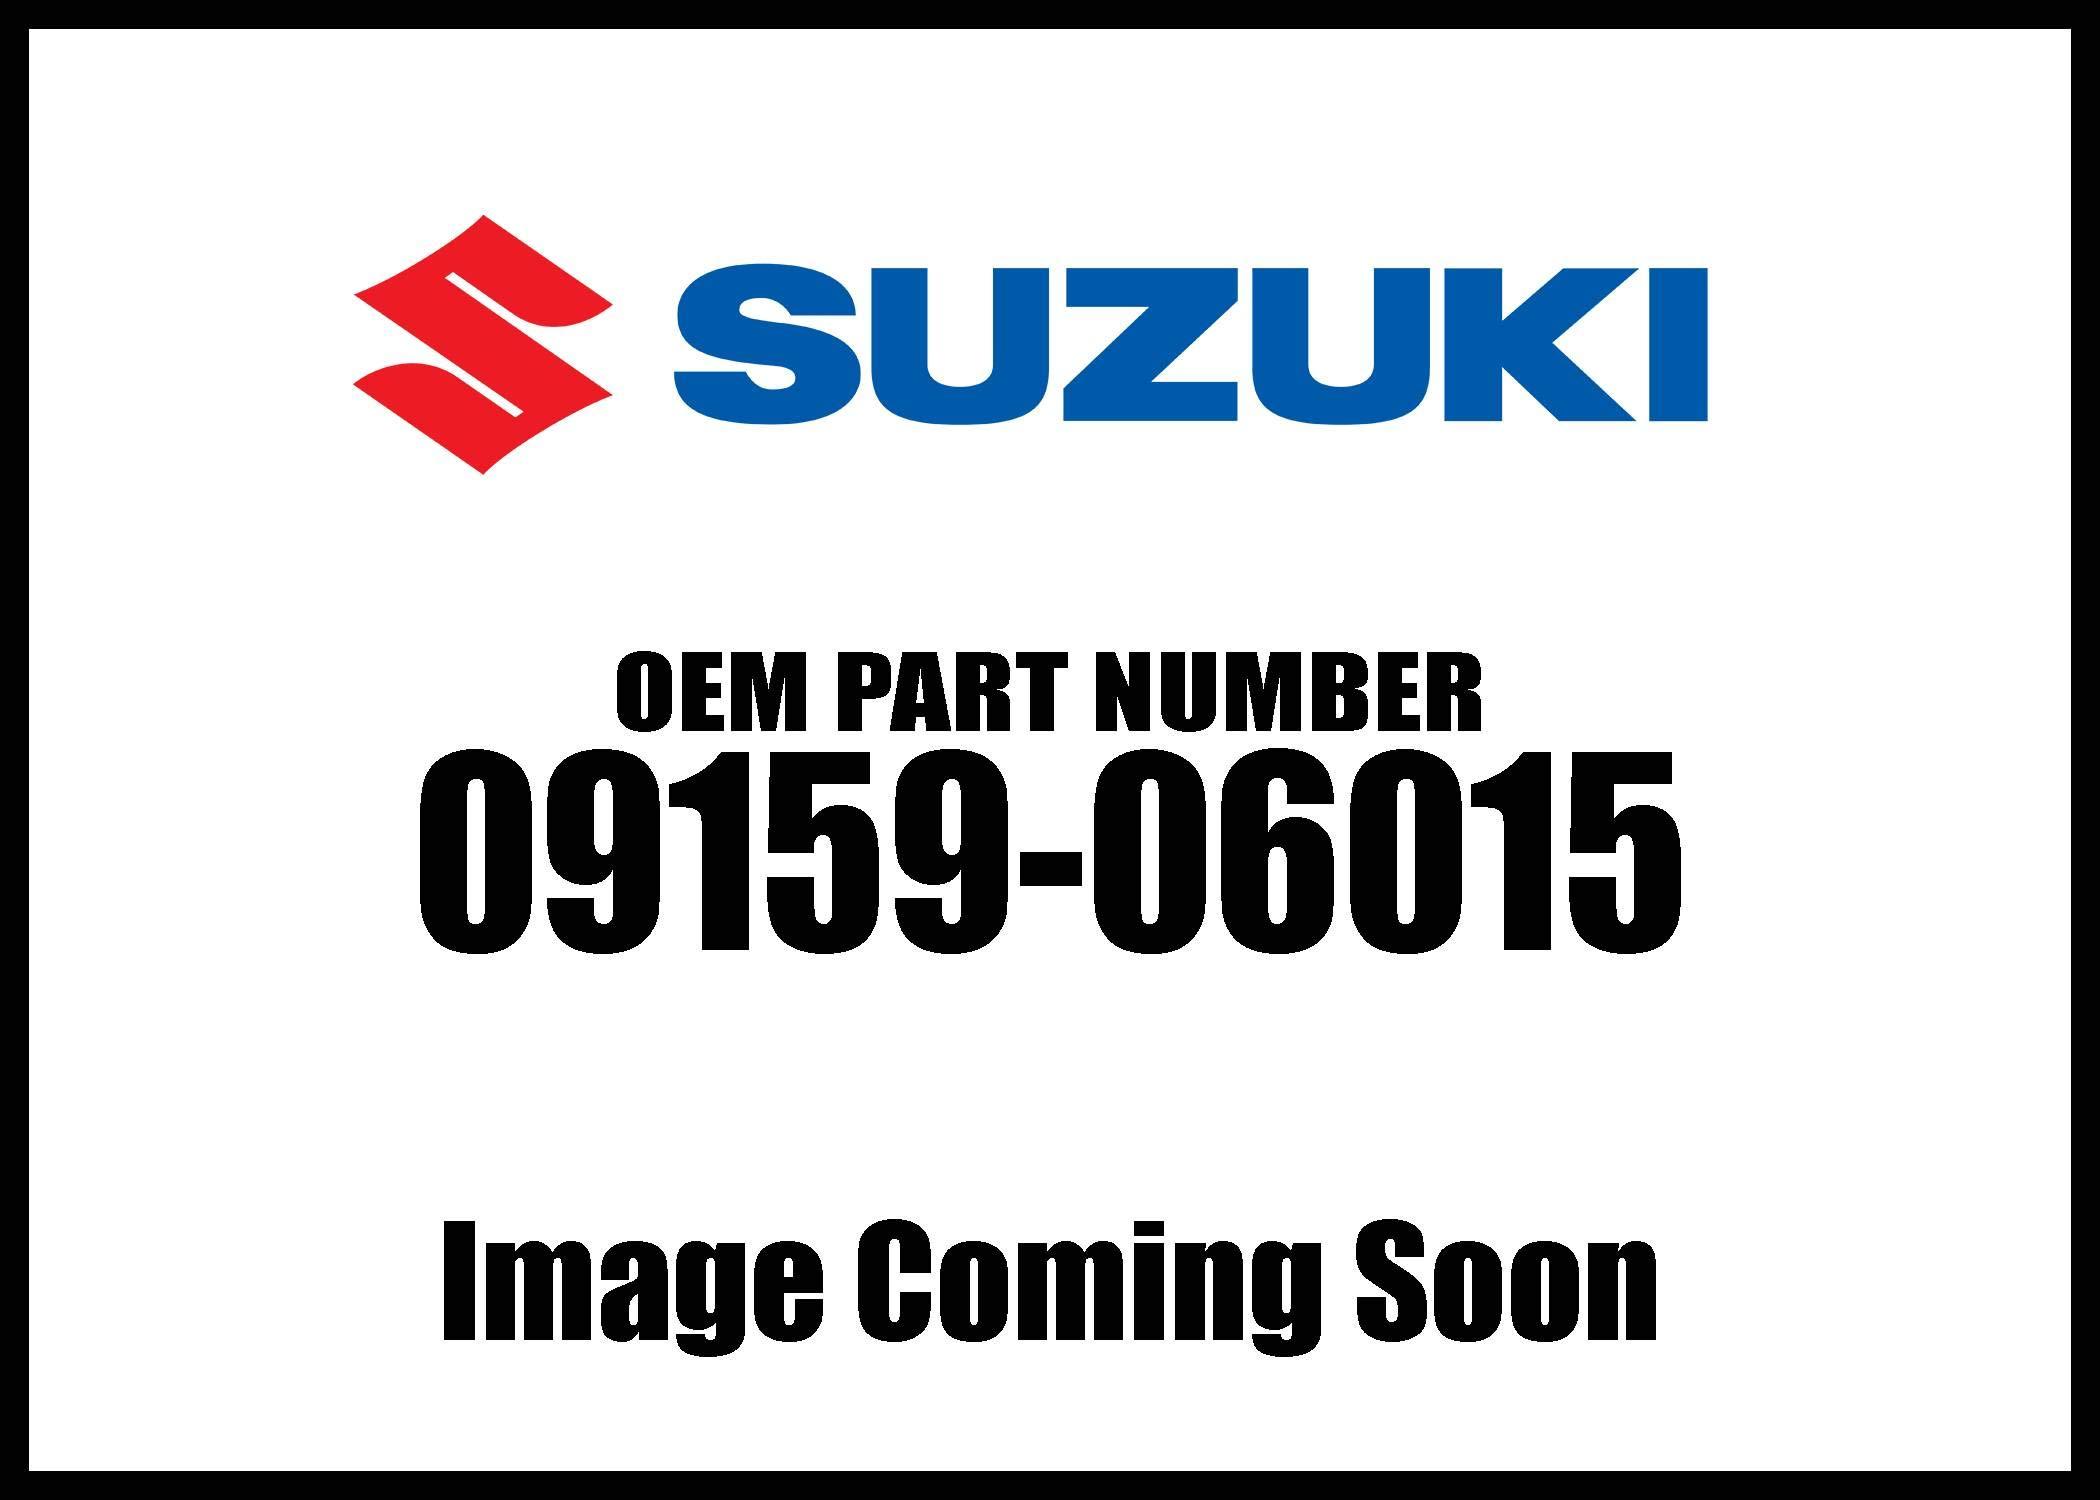 Suzuki Front Bumper Nu 09159-06015 New Oem by Suzuki (Image #1)